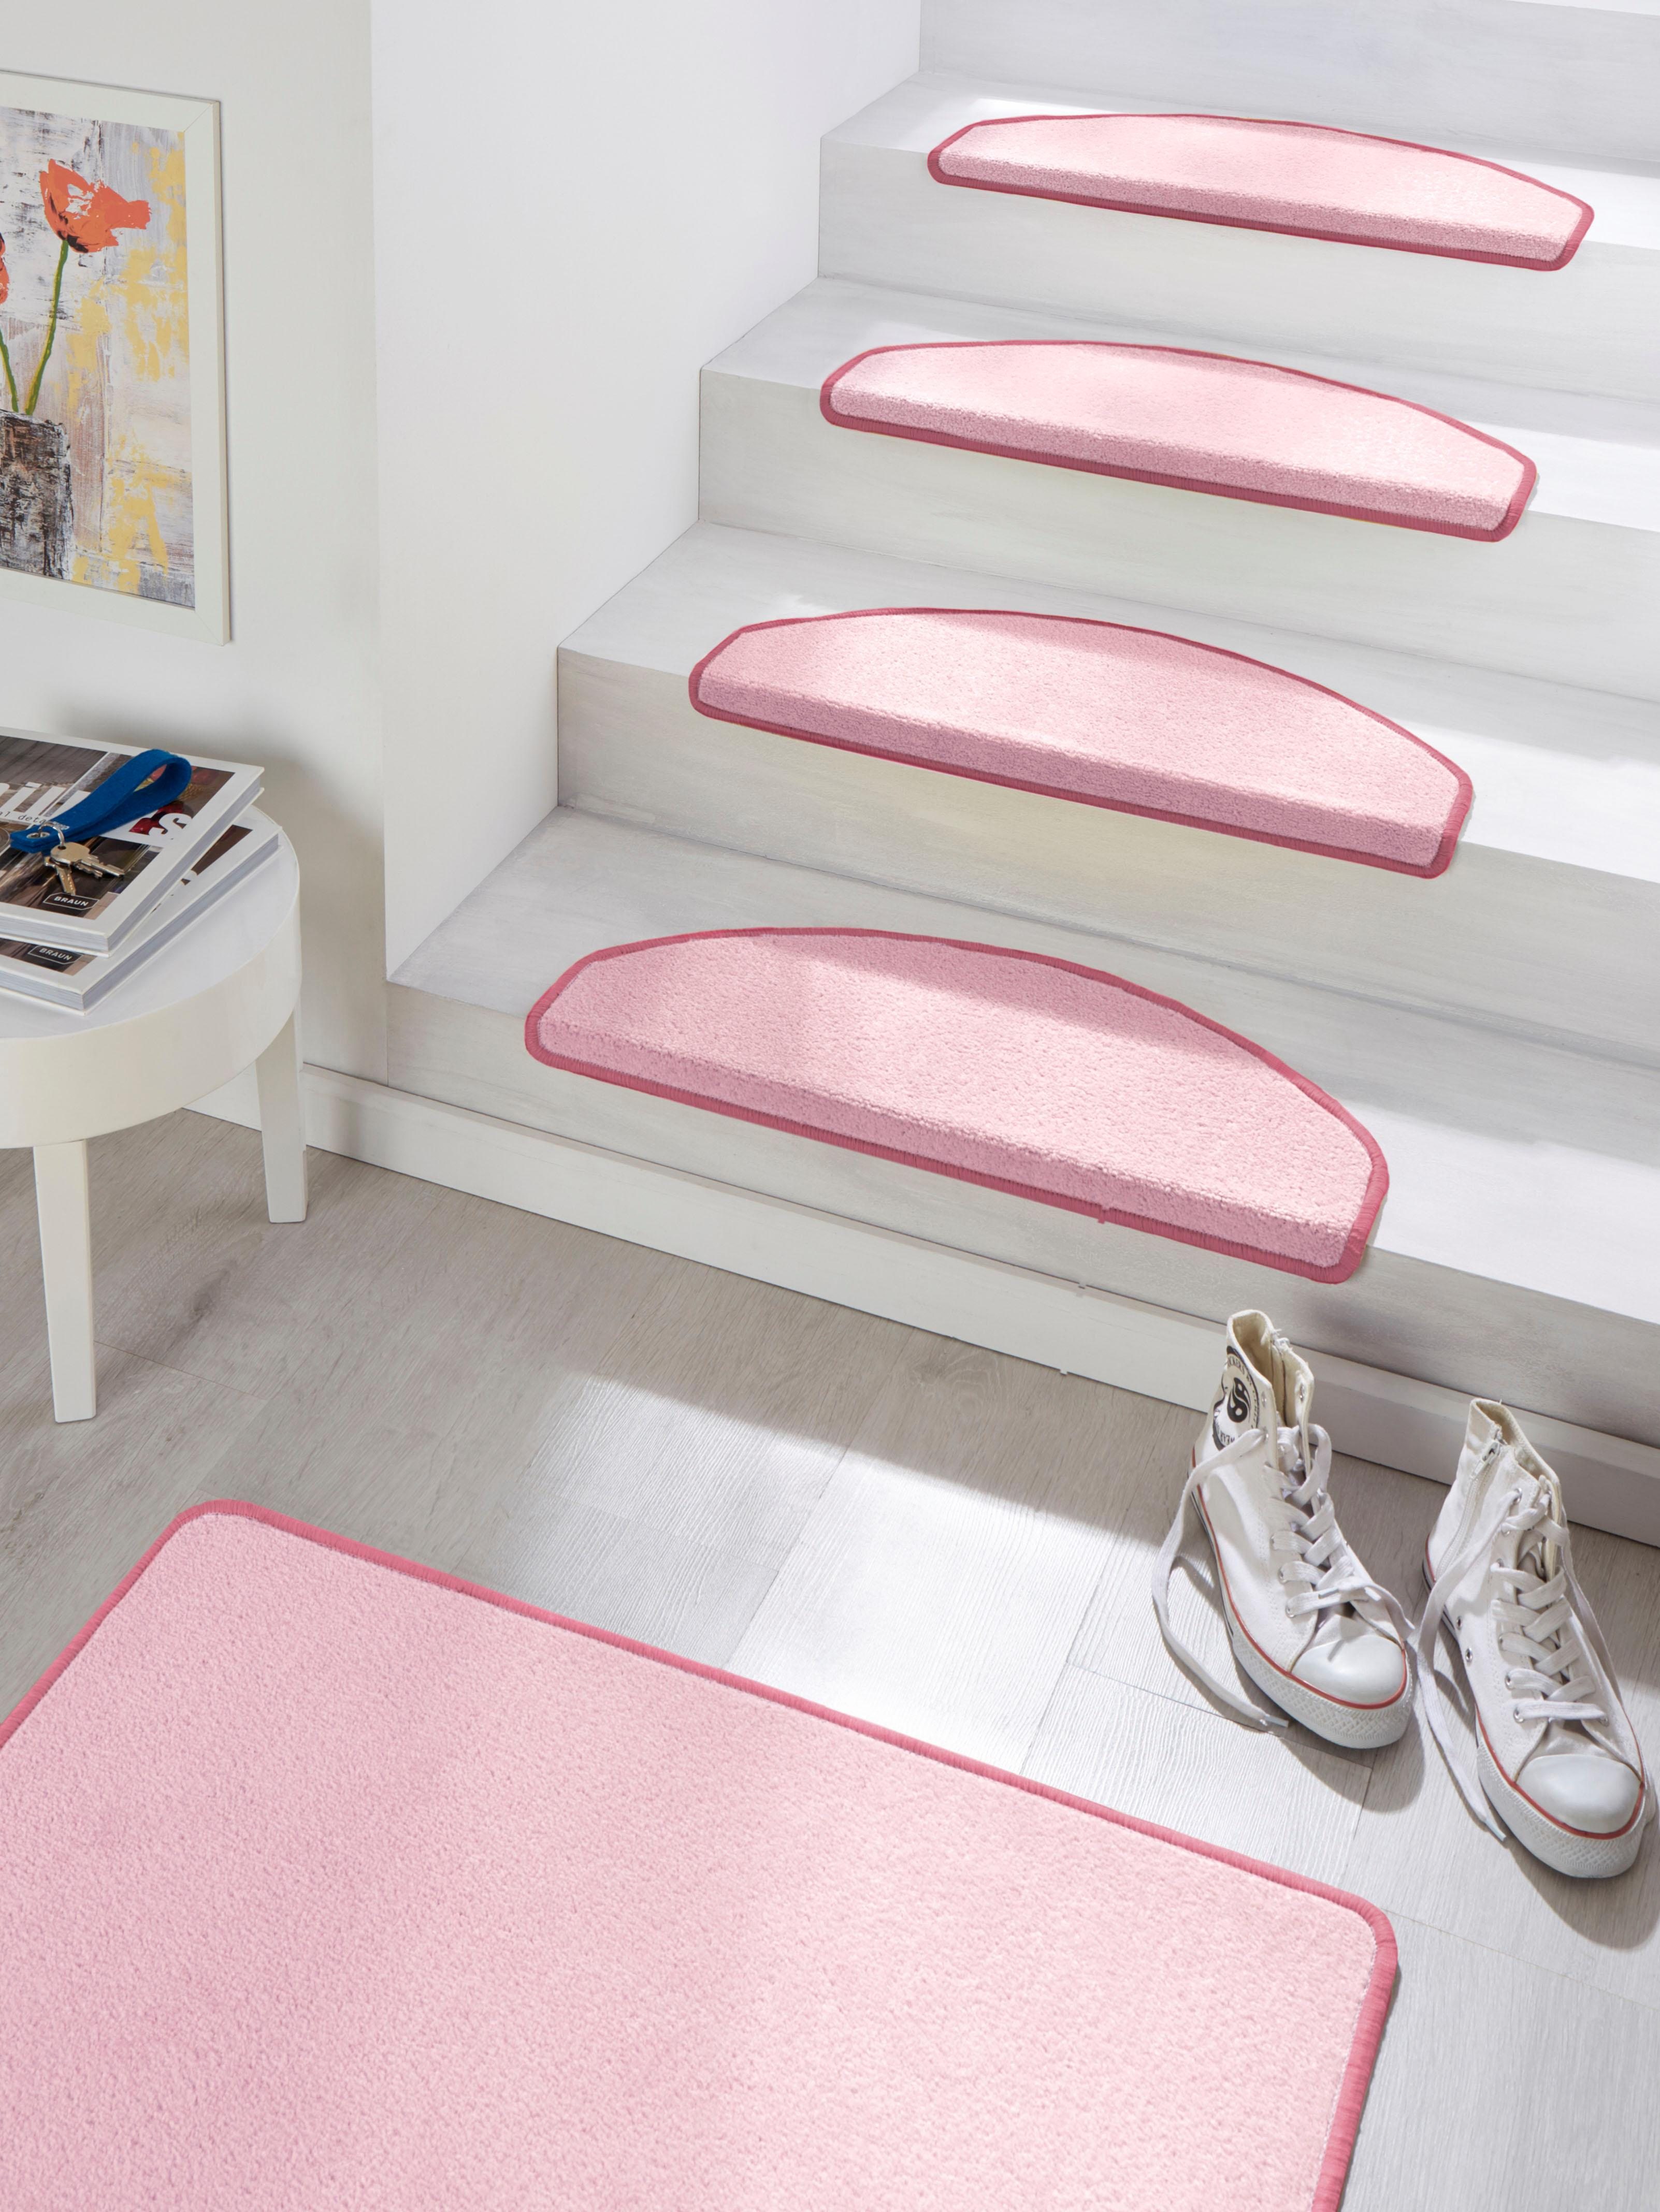 HANSE Home Stufenmatte Fancy, halbrund, 7 mm Höhe, große Farbauswahl, 15 Stück in einem Set rosa Stufenmatten Teppiche